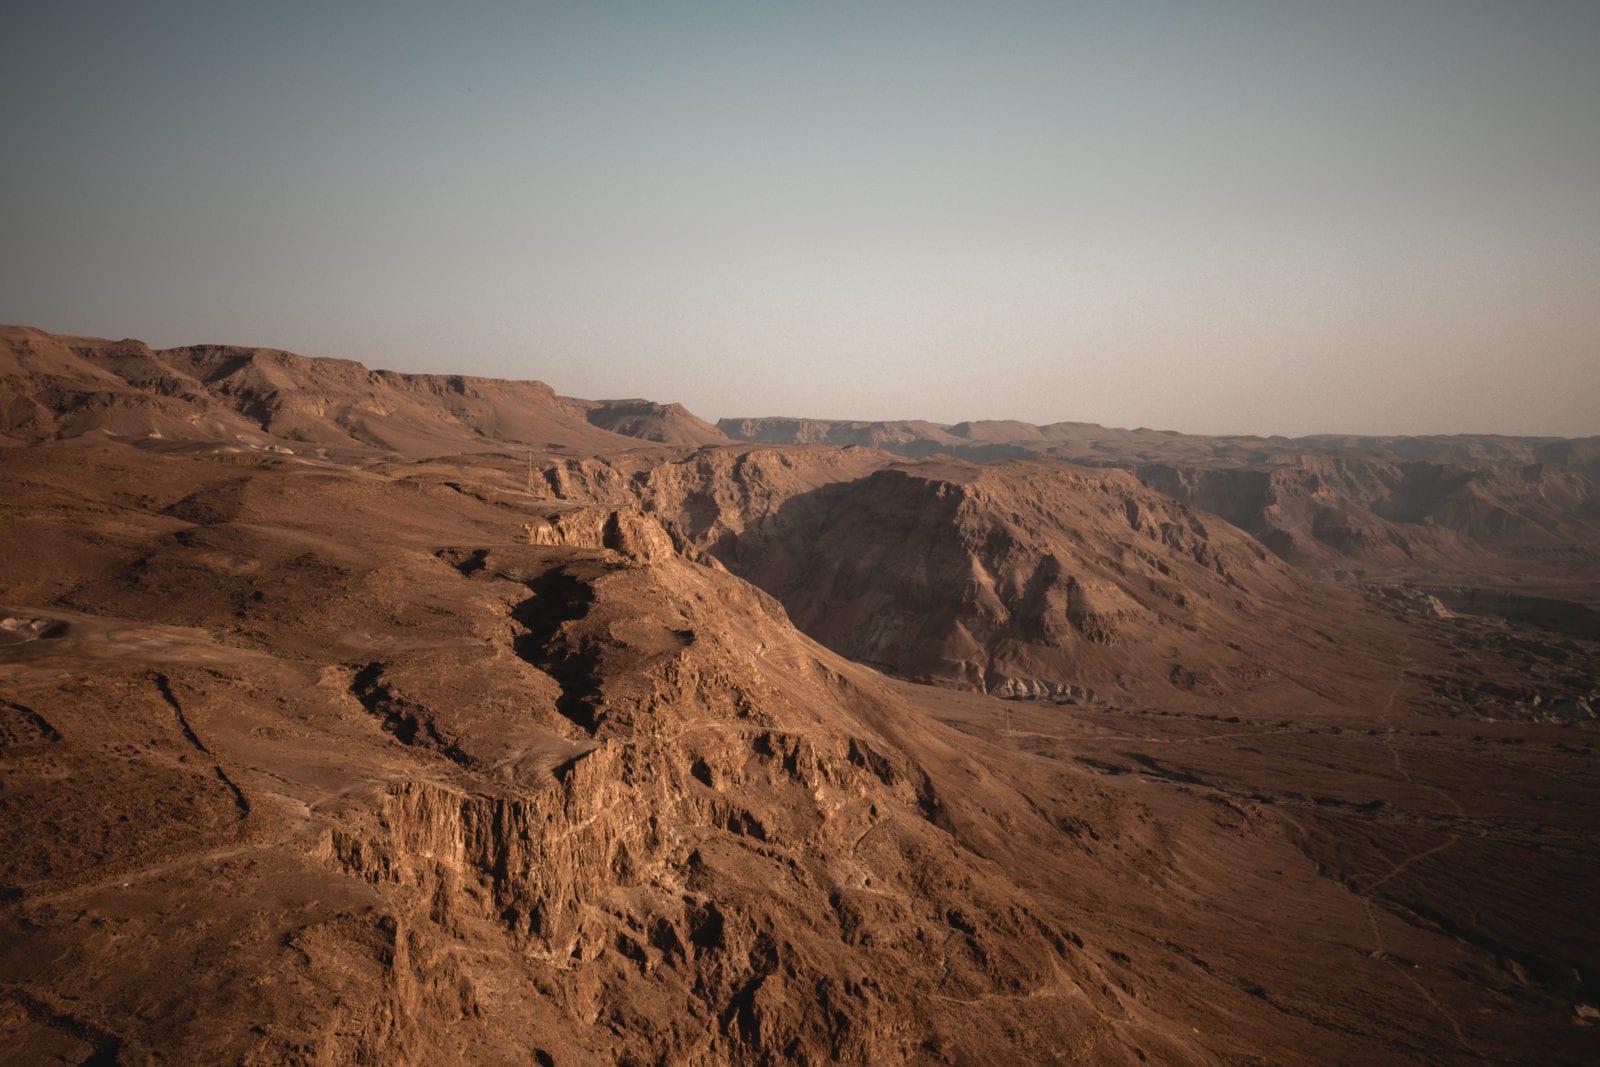 Wüstenlandschaft Totes Meer und Judäische Wüste